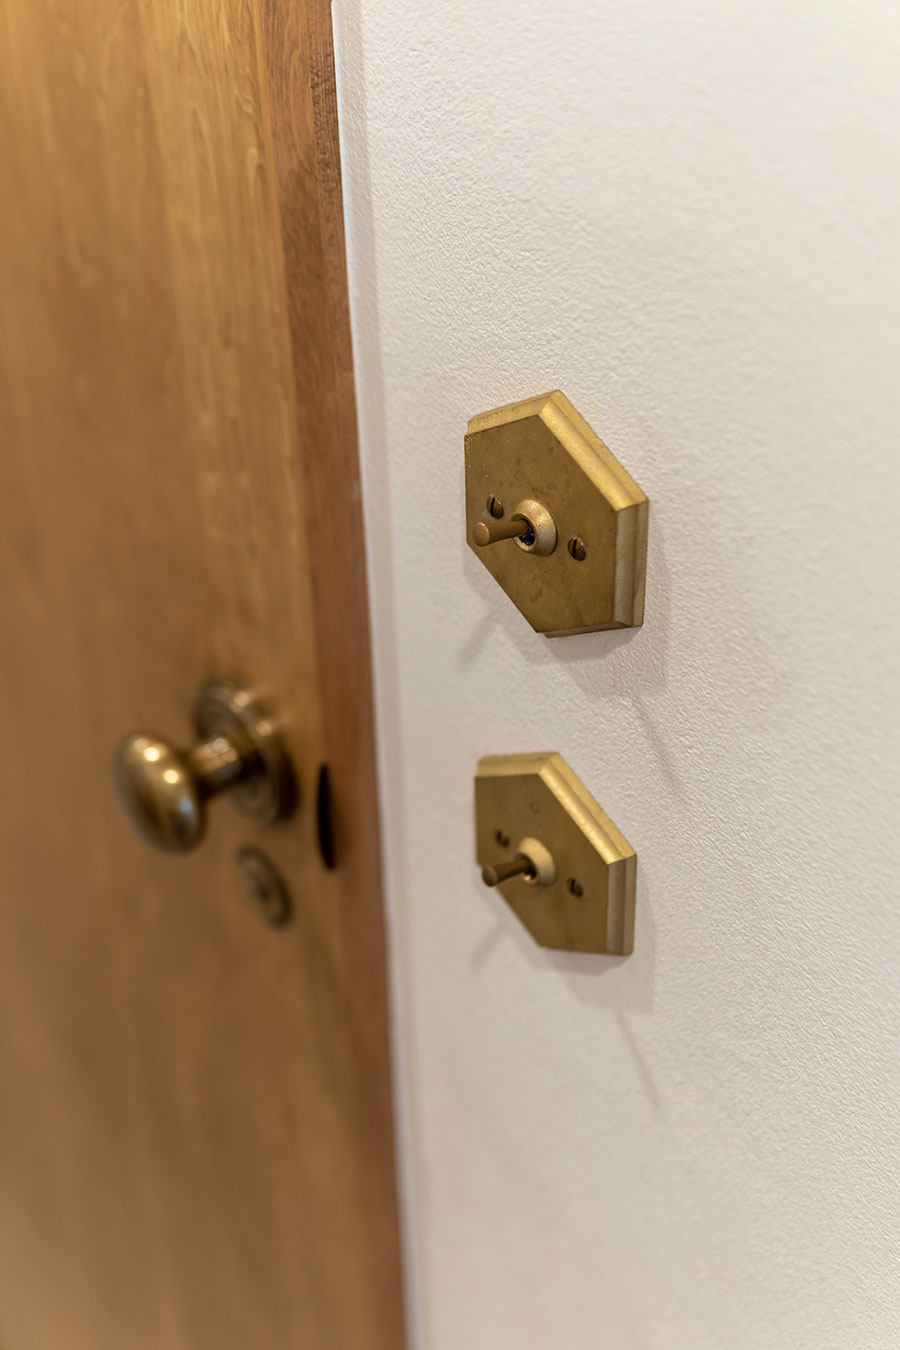 真鍮のスイッチはパーツショップ「PARTS & SUPPLY」で購入。